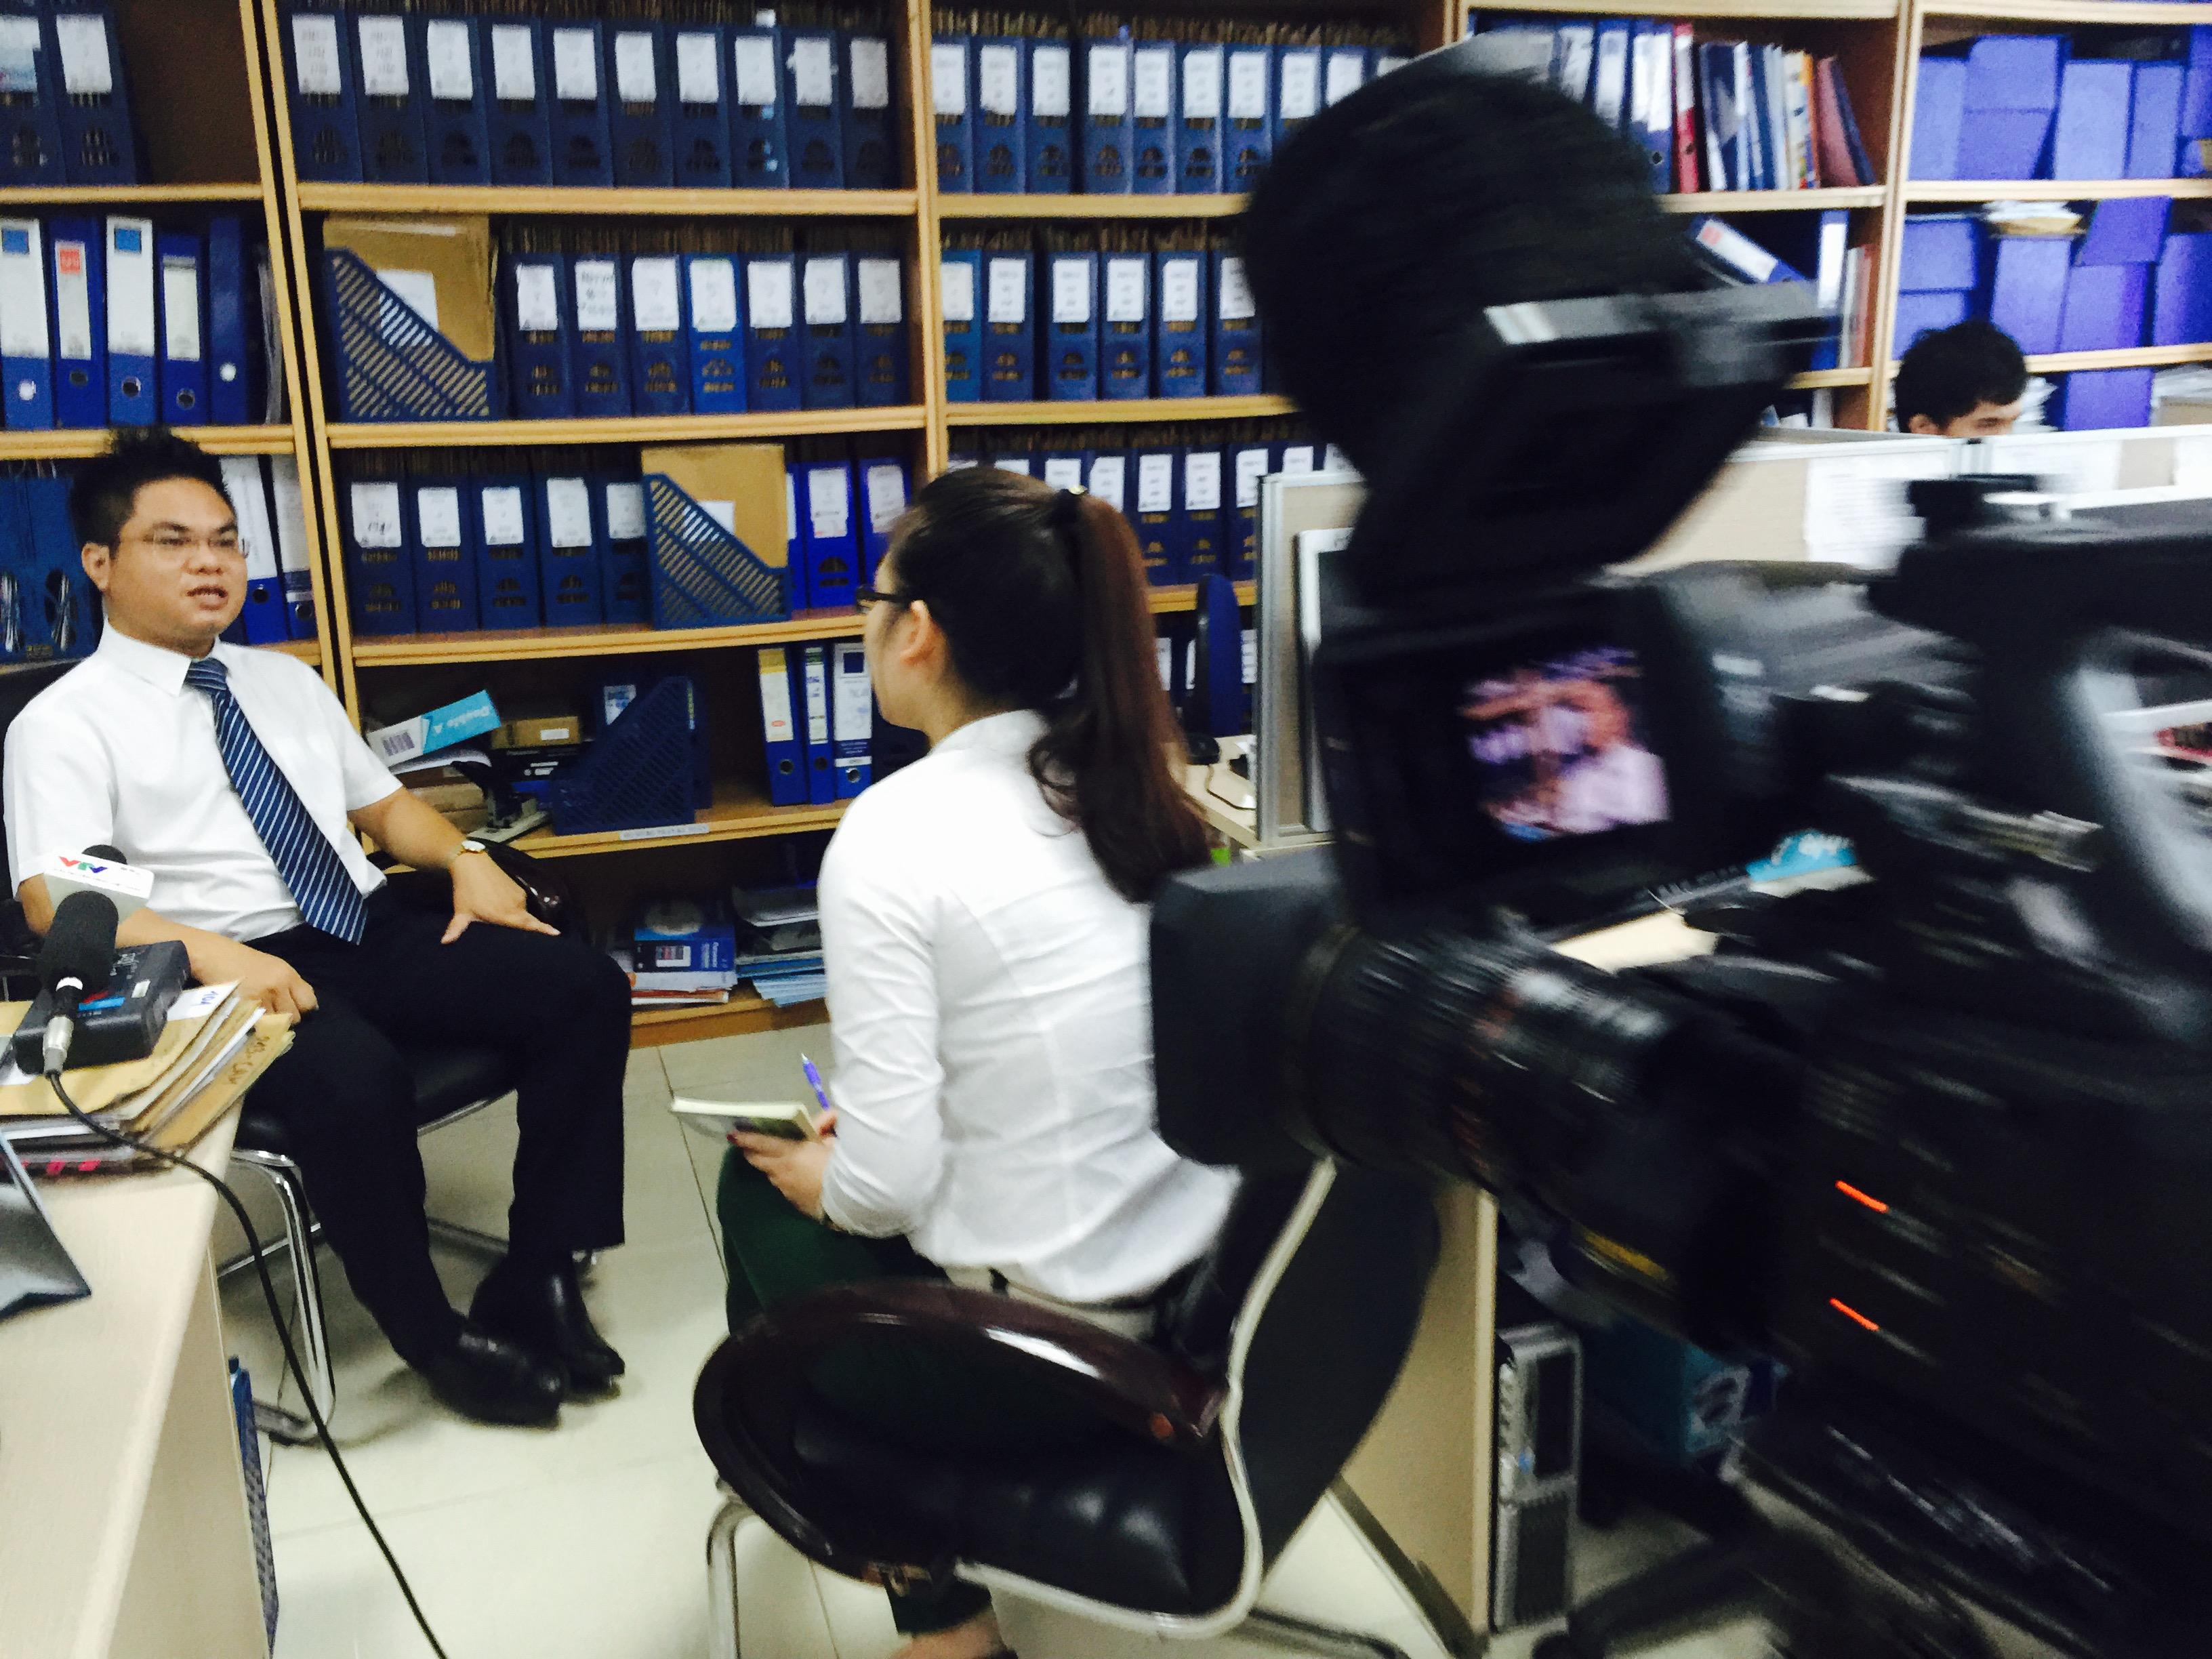 Luật sư Nguyễn Thanh Hà trao đổi về quy định mới trong Quỹ hưu trí tự nguyện